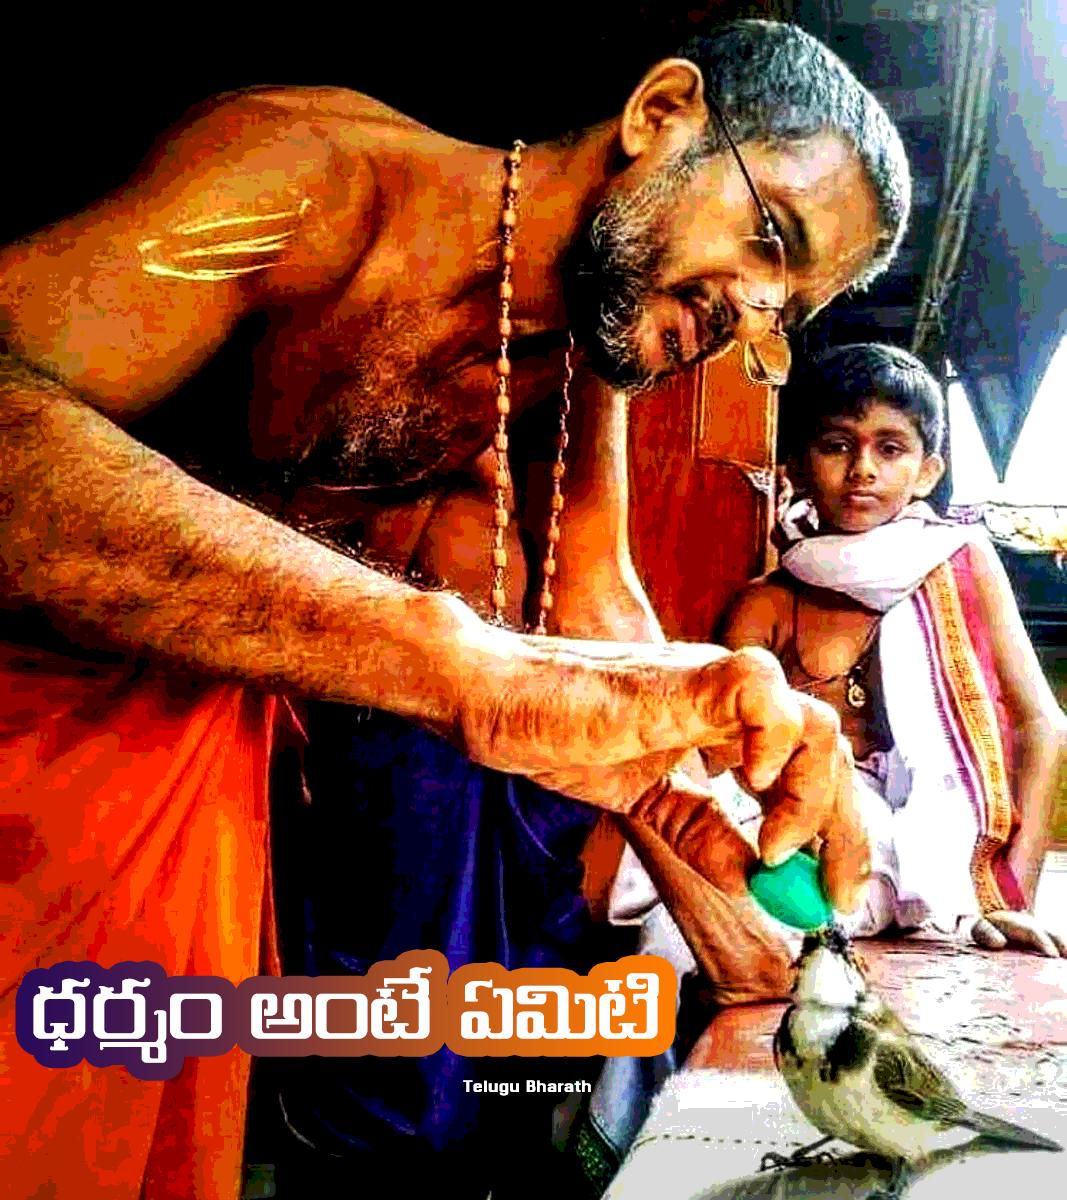 ధర్మం - Dharmam